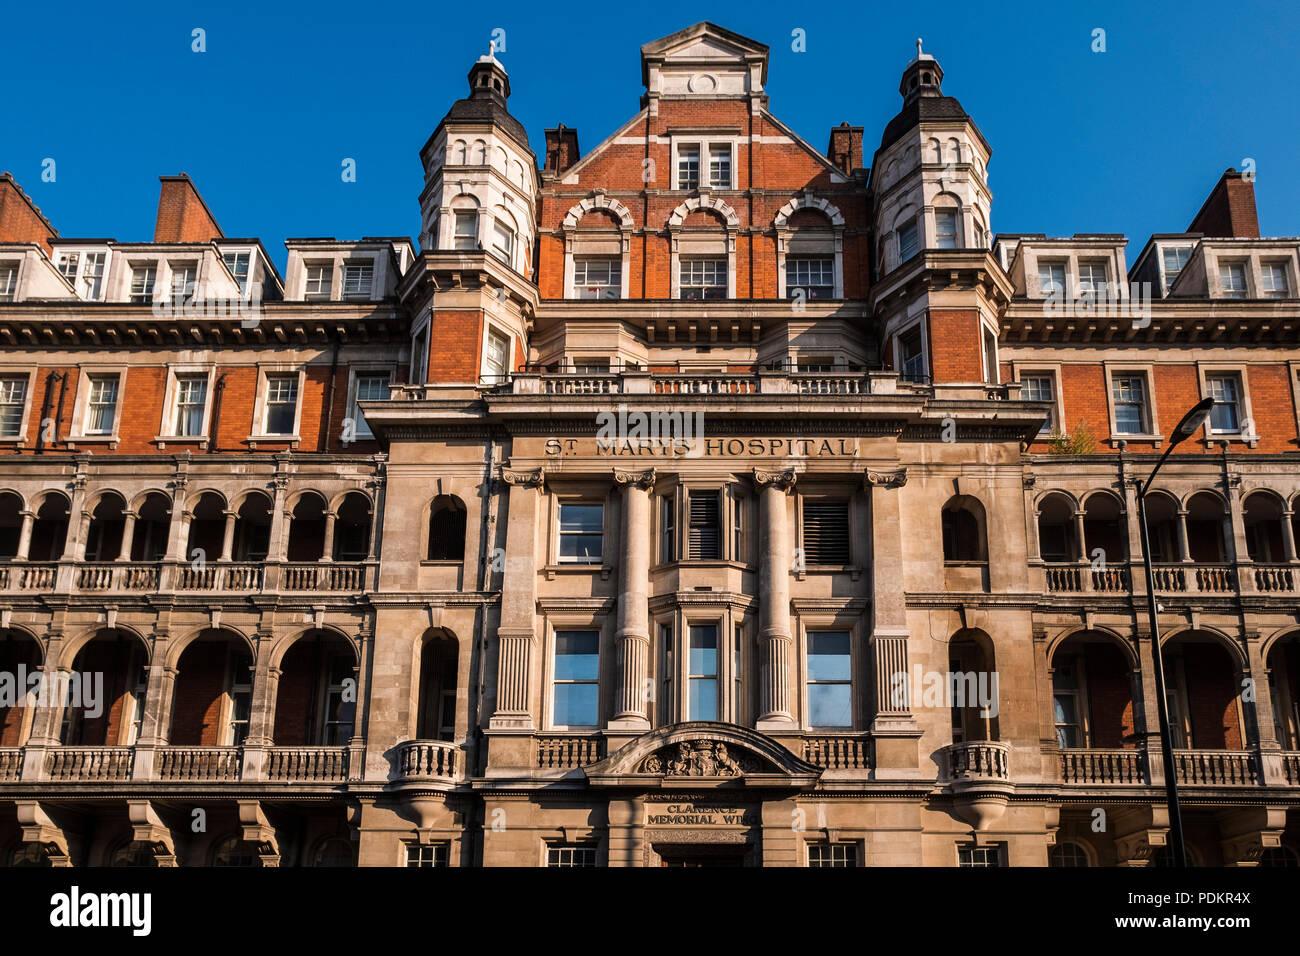 St. Mary's Hospital, Paddington, London, England, U.K. - Stock Image